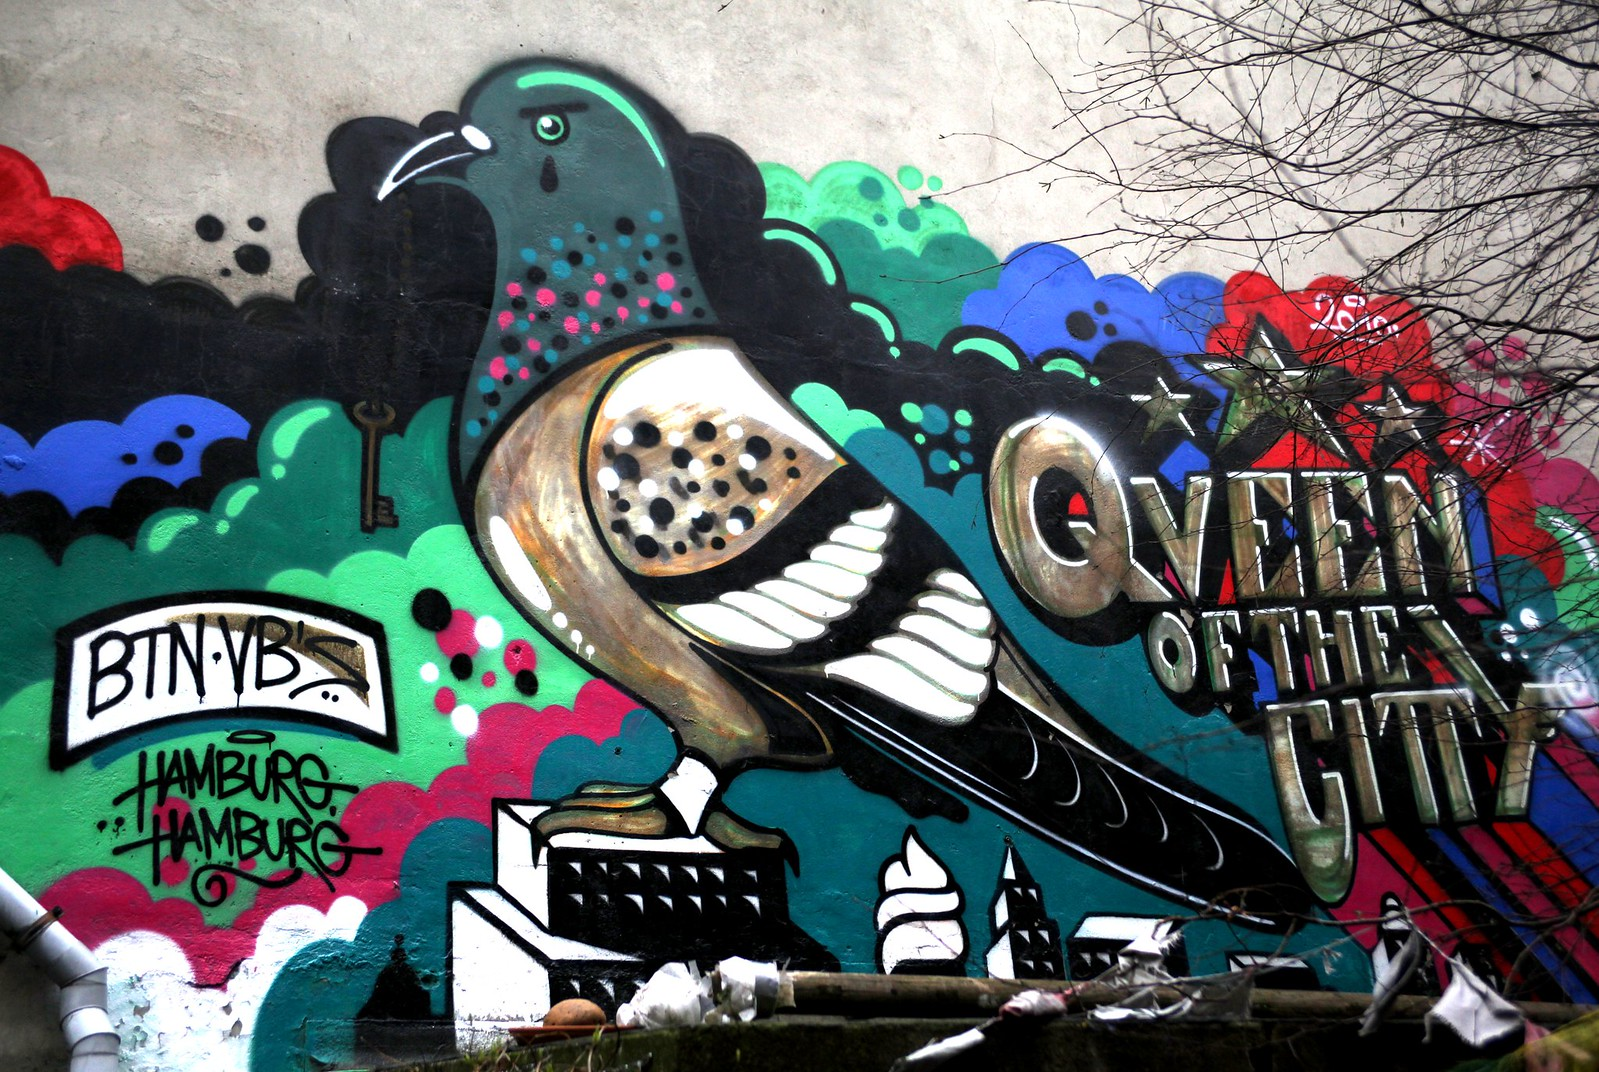 Graffiti Queen Hamburg